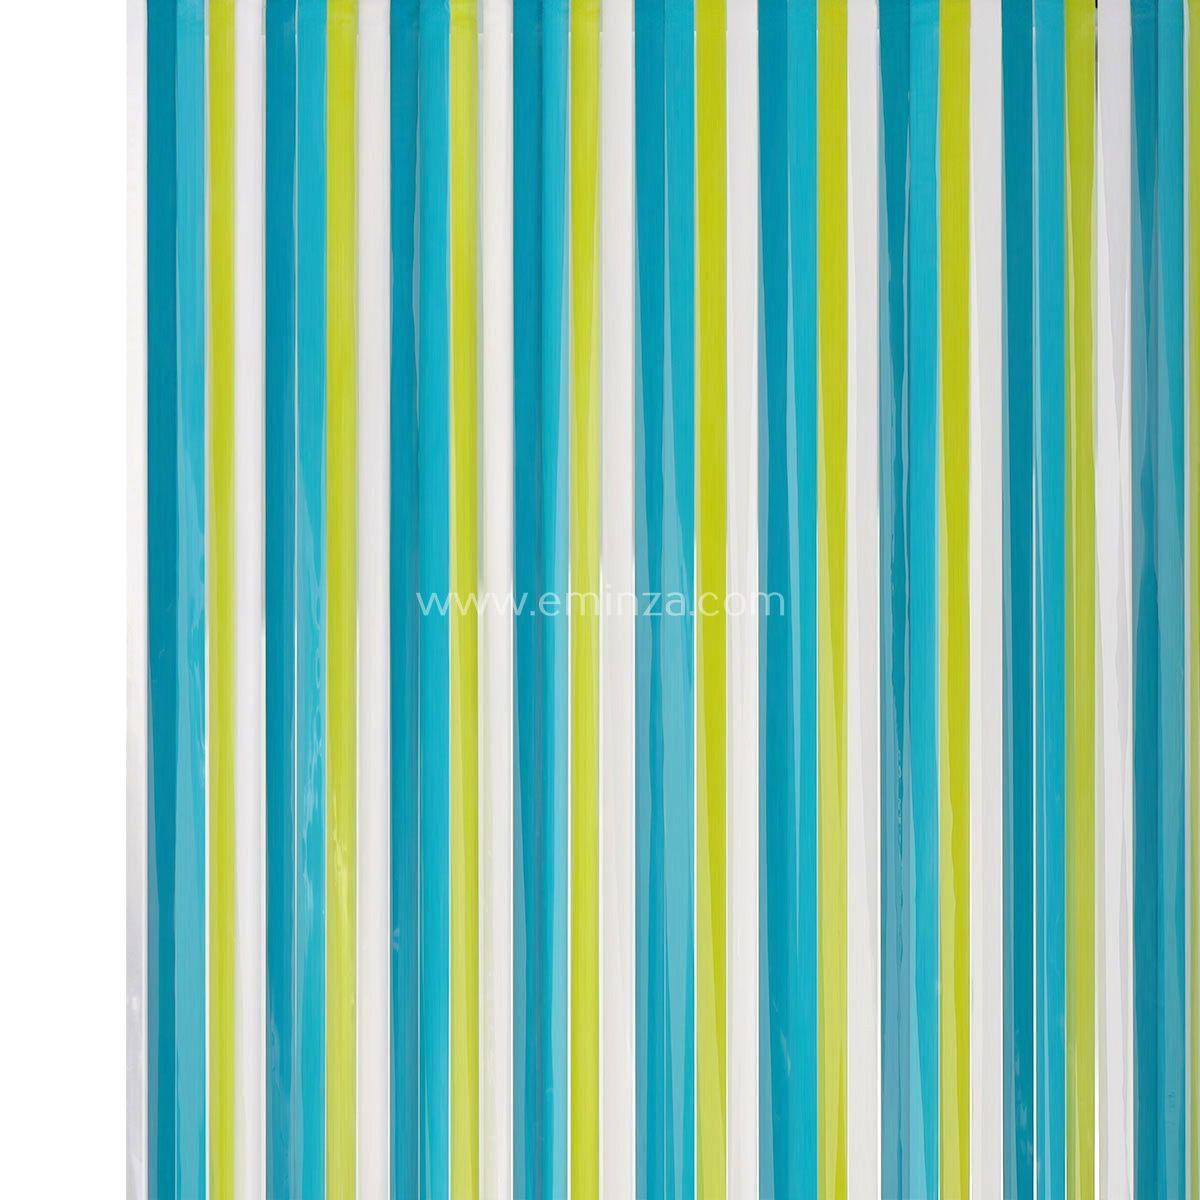 rideau de porte 90 x h220 cm lani res pvc oc an rideau de porte eminza. Black Bedroom Furniture Sets. Home Design Ideas